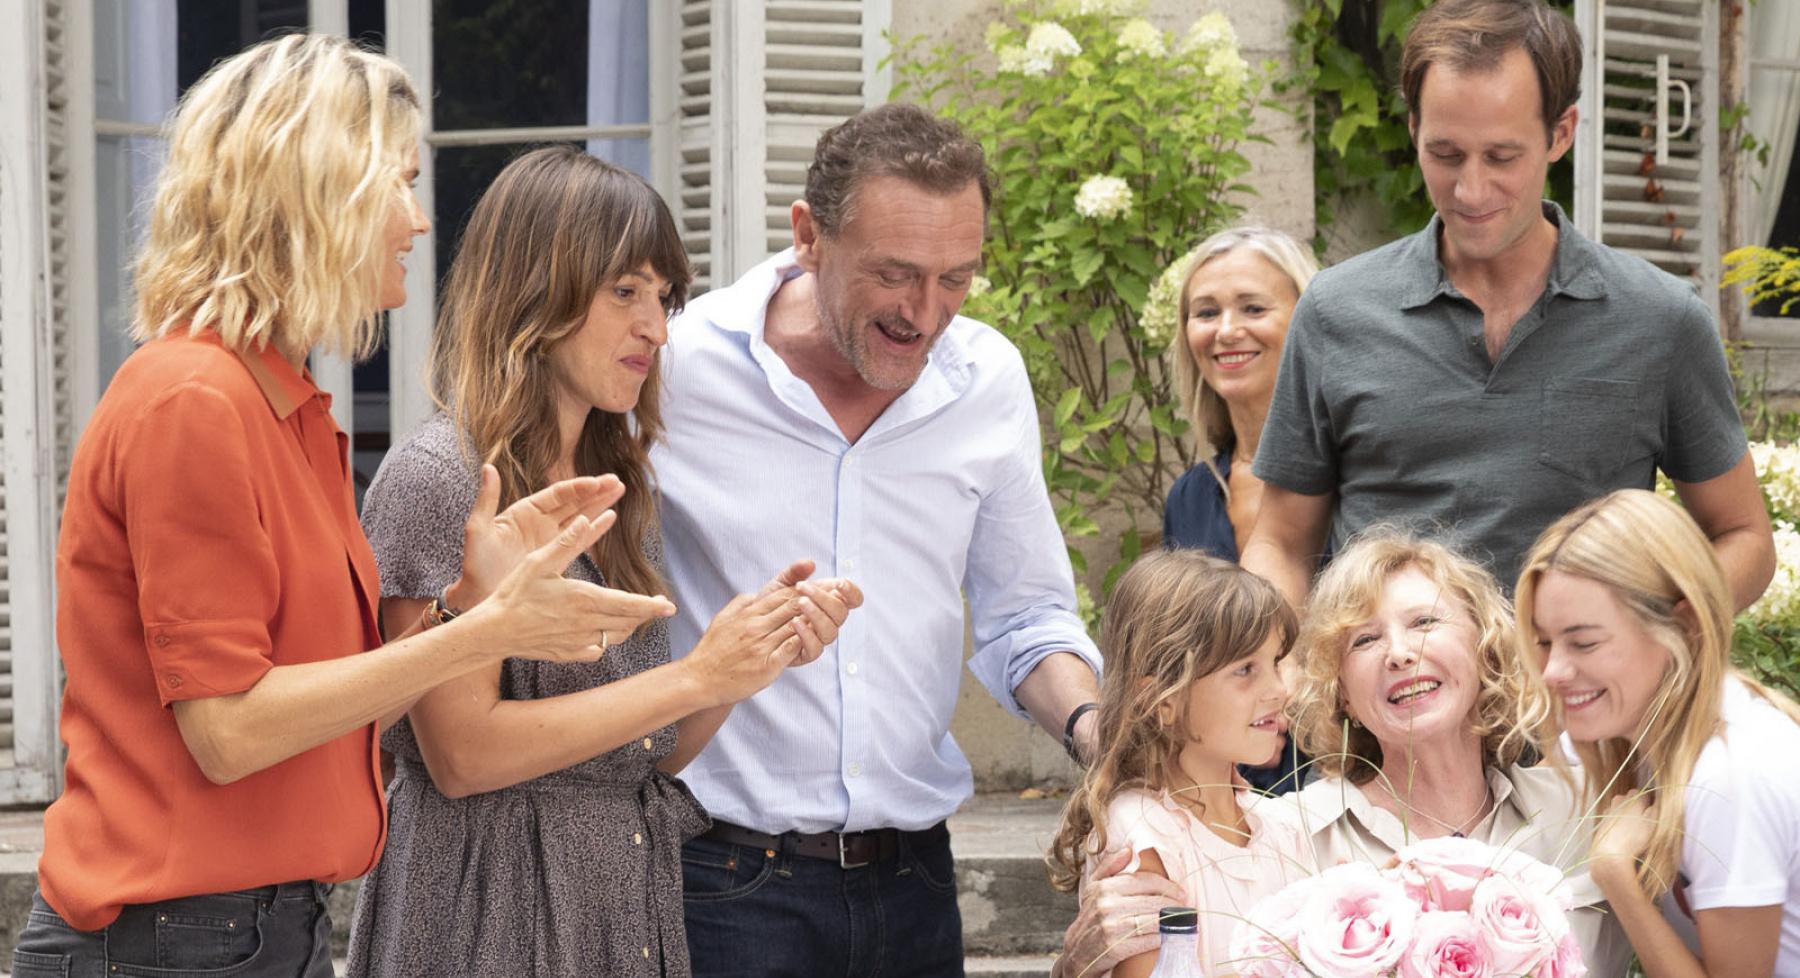 « JE VOUDRAIS QUE QUELQU'UN M'ATTENDE QUELQUE PART » un film d' Arnaud Viard.